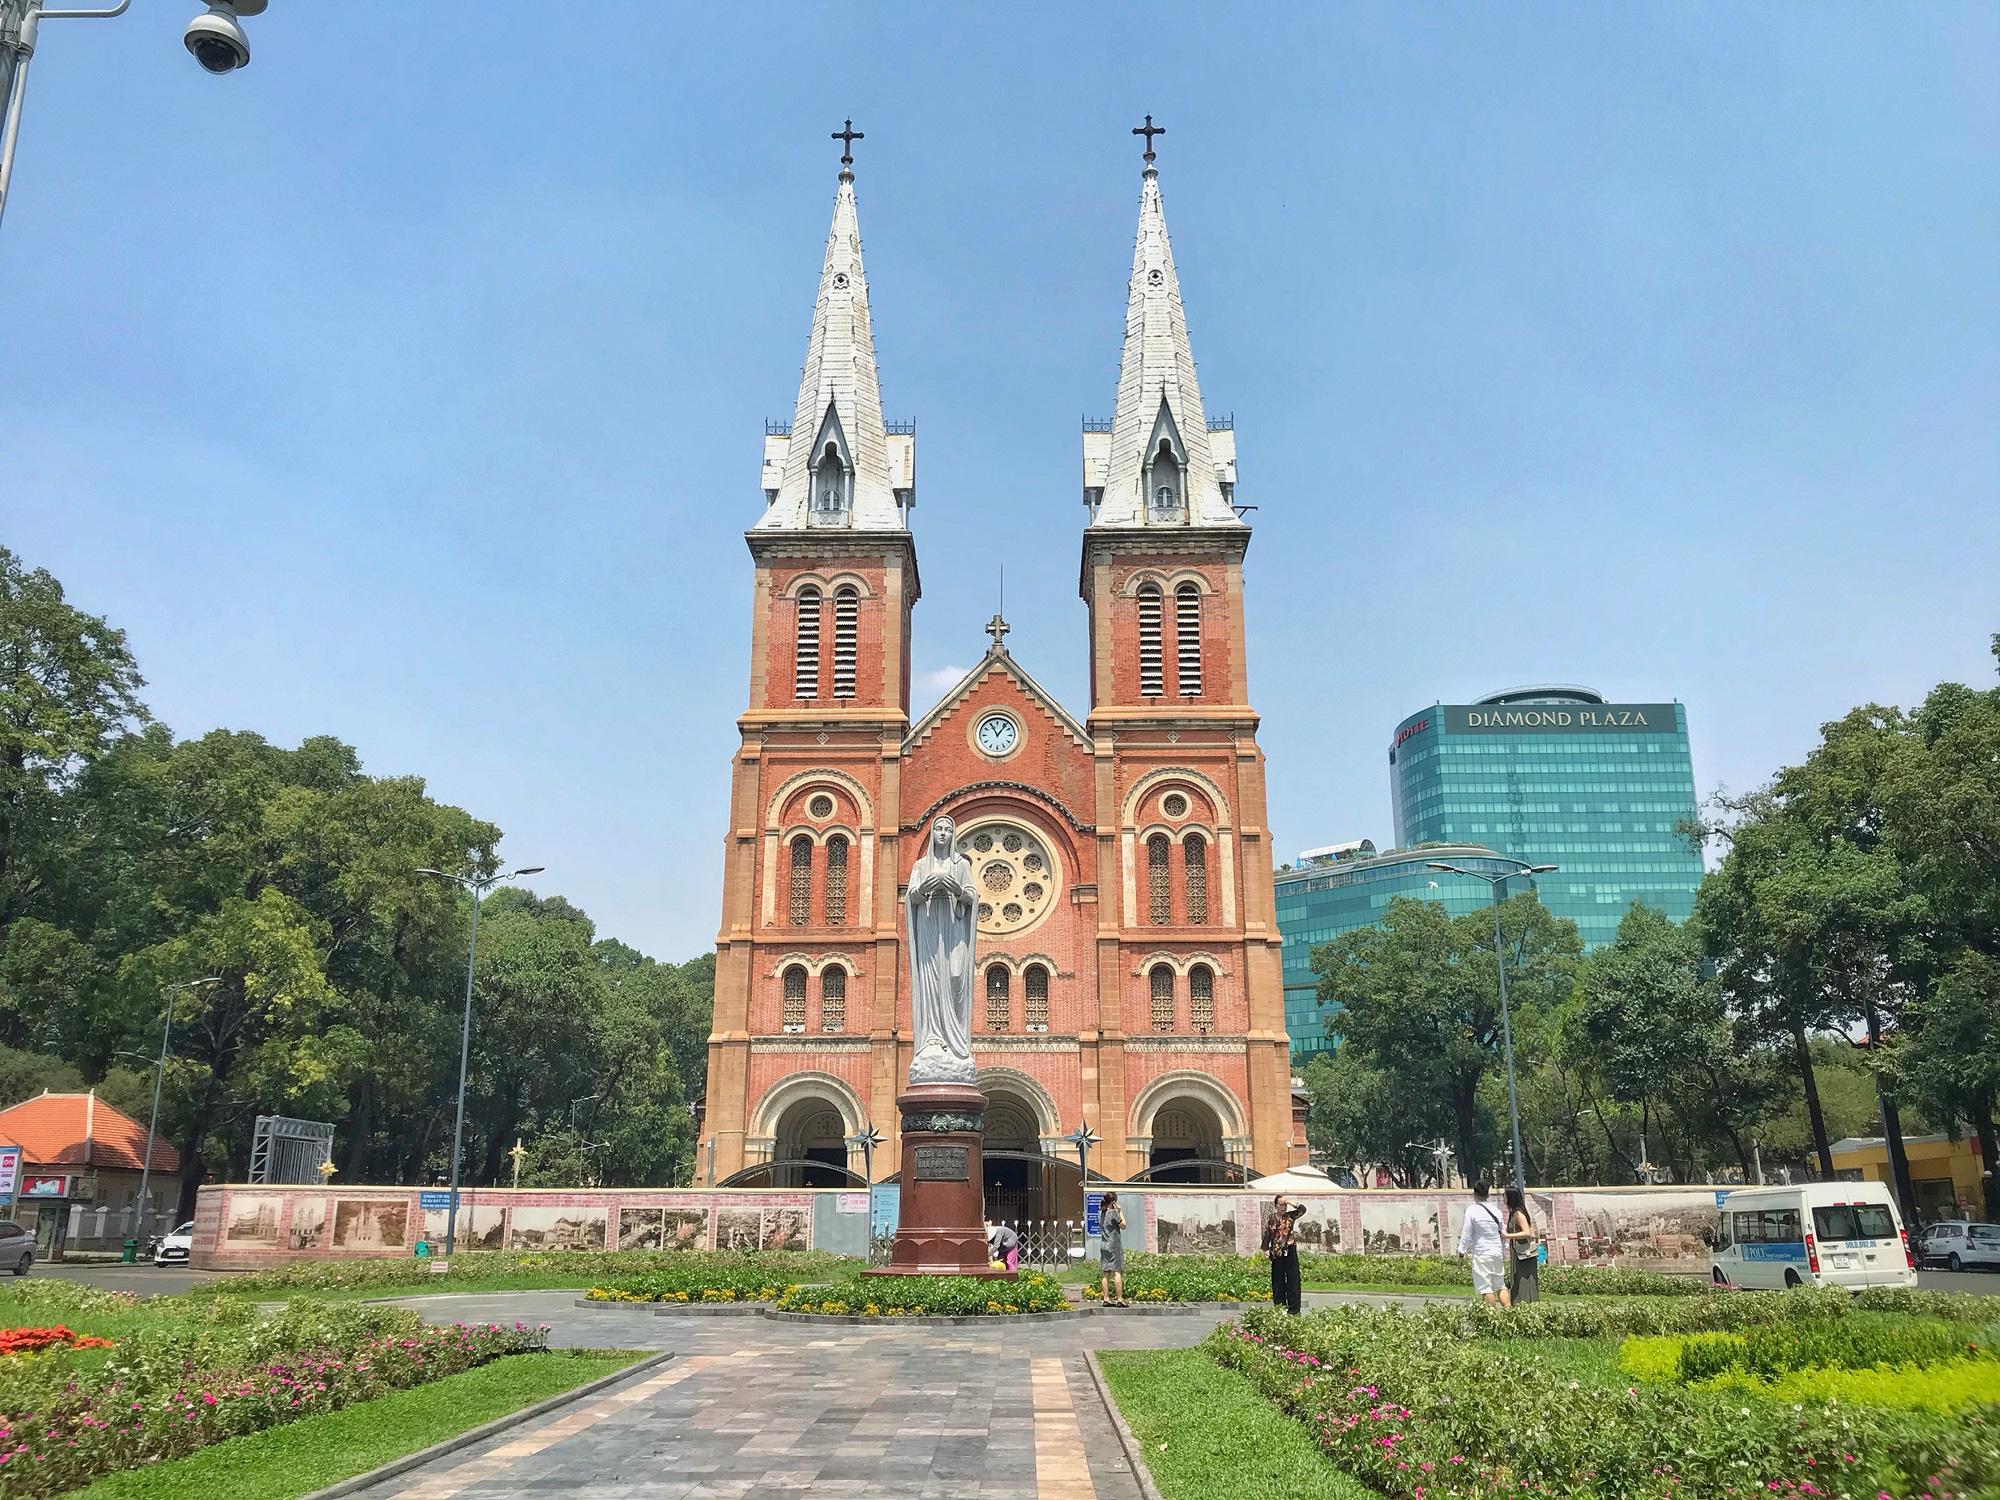 """Sài Gòn 16/3: Các điểm vui chơi, du lịch tham quan tại quận 1 """"vắng lặng"""" giữa mùa dịch Corona - Ảnh 3."""